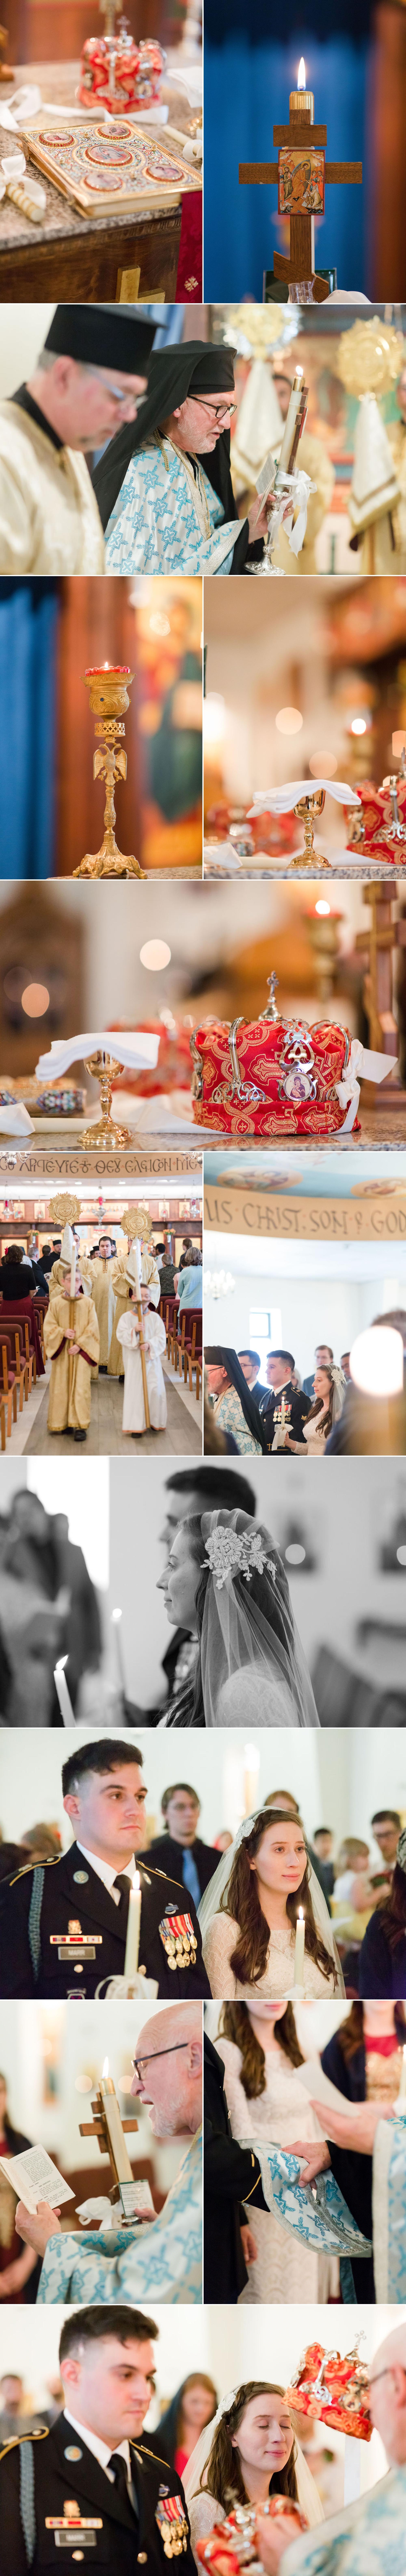 beth and aaron, melkite wedding, mcclean, va 3.jpg